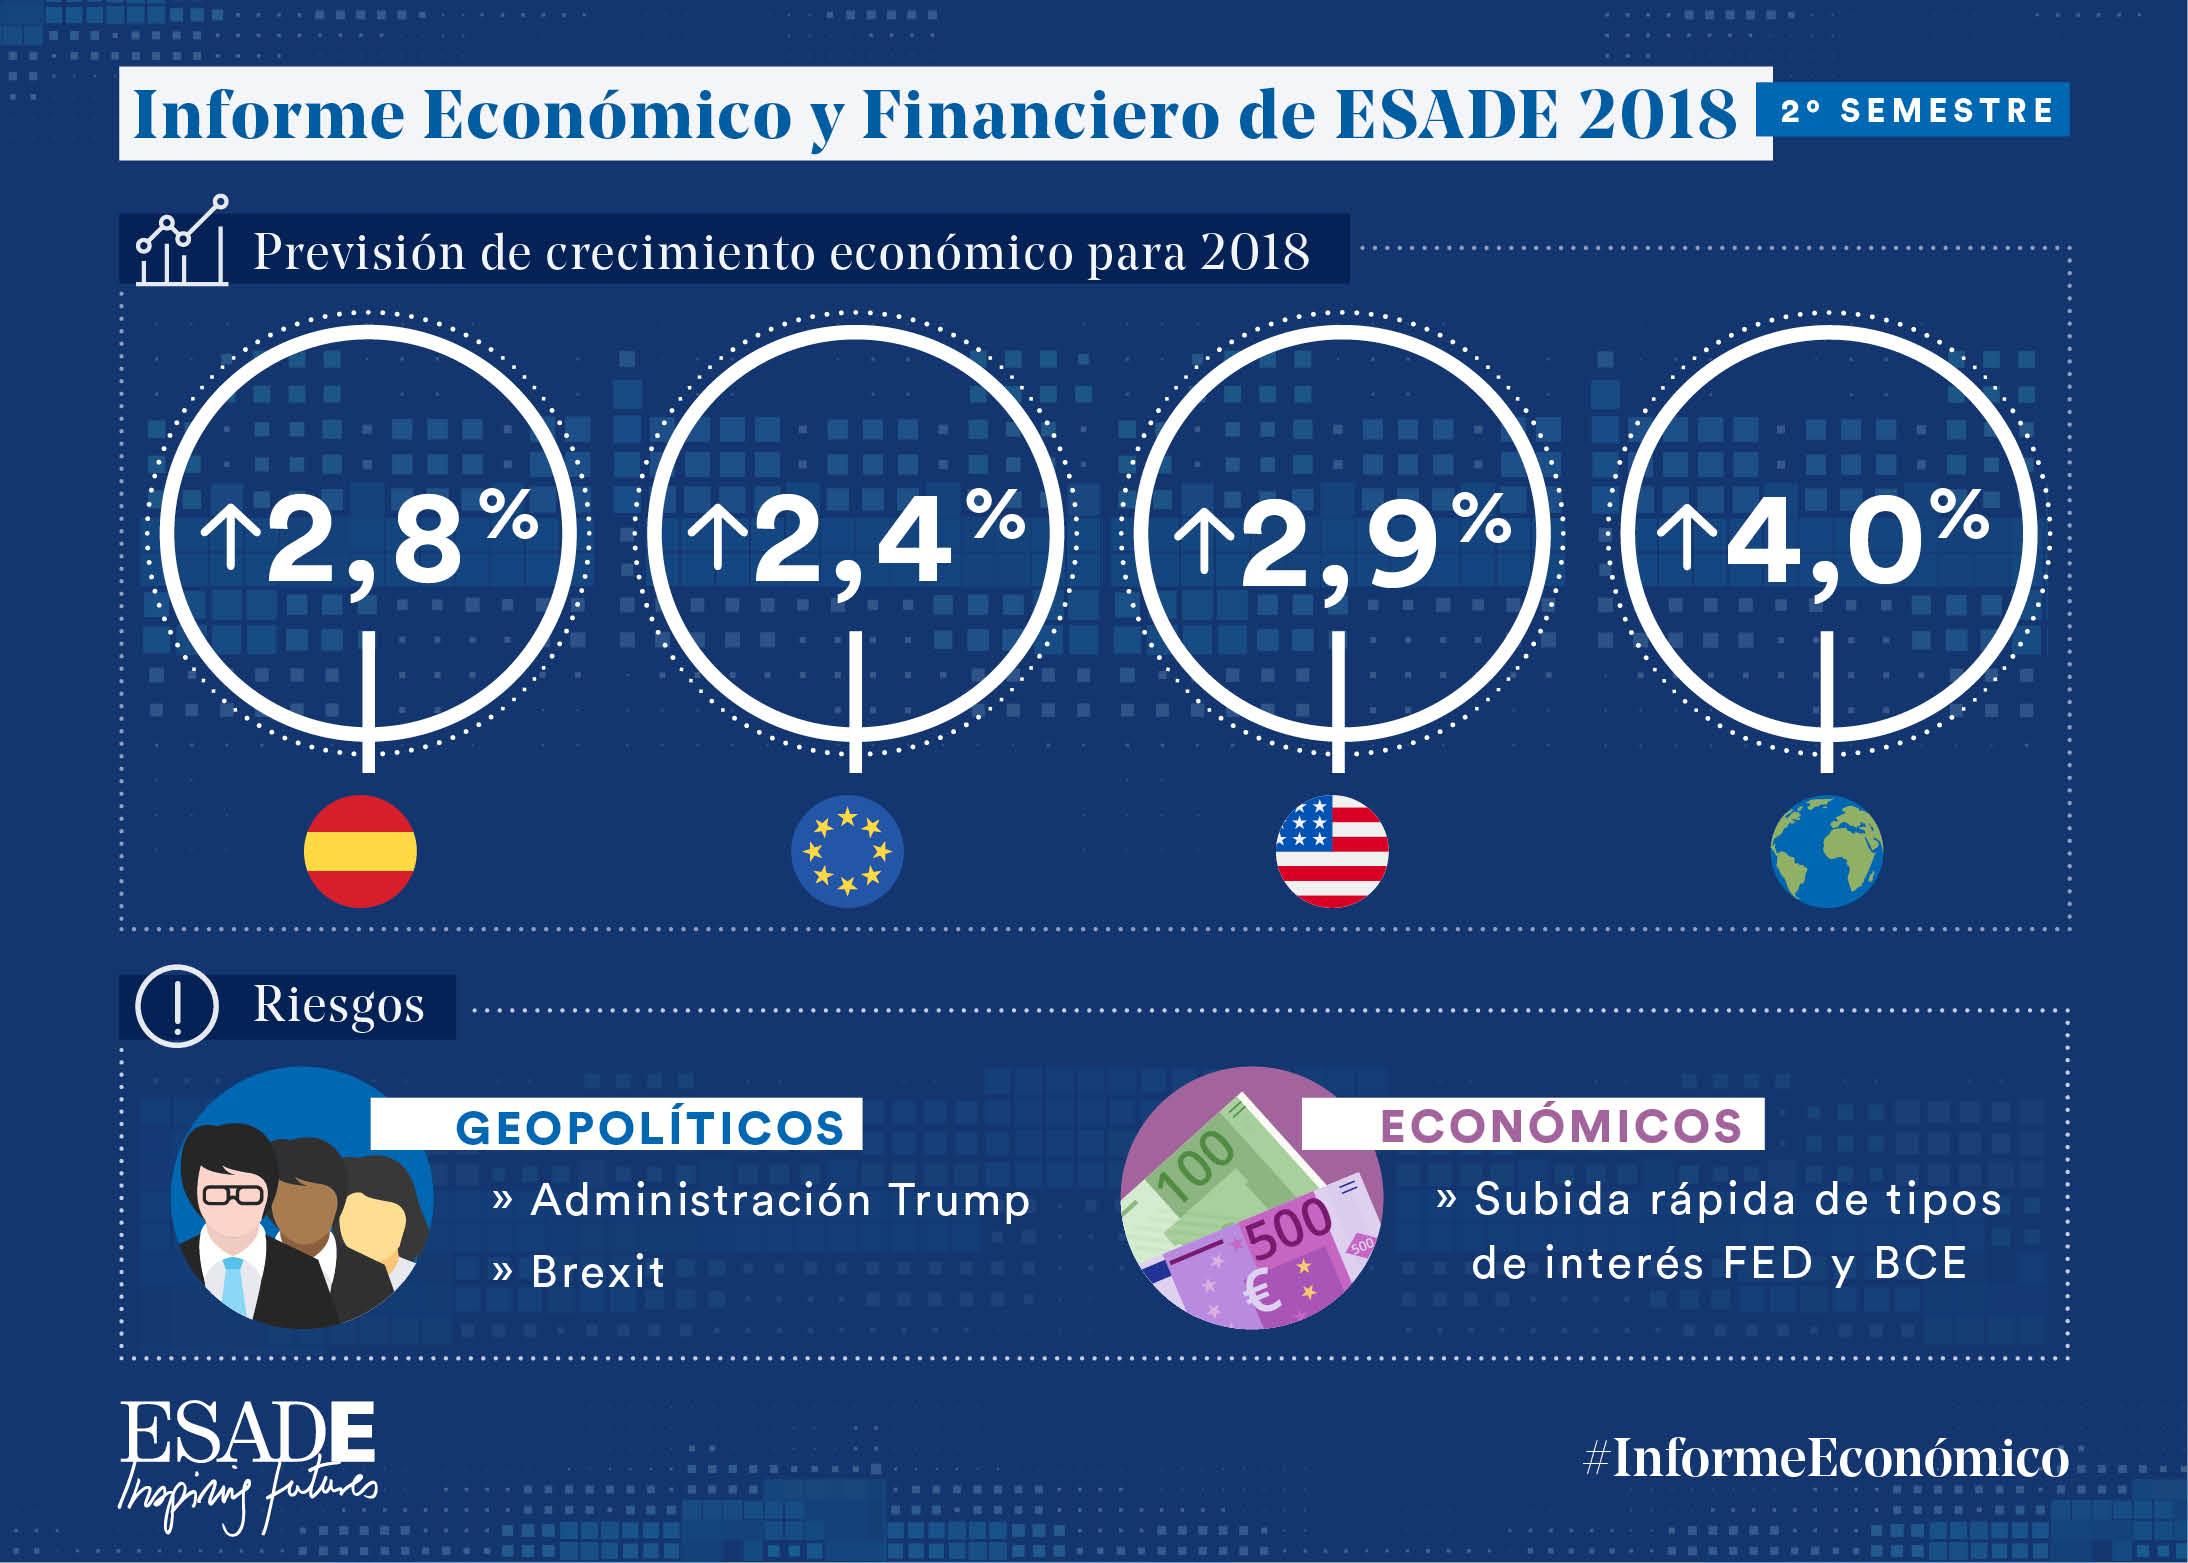 AAFF-informe-economico-financiero-2018-300dpi-v2